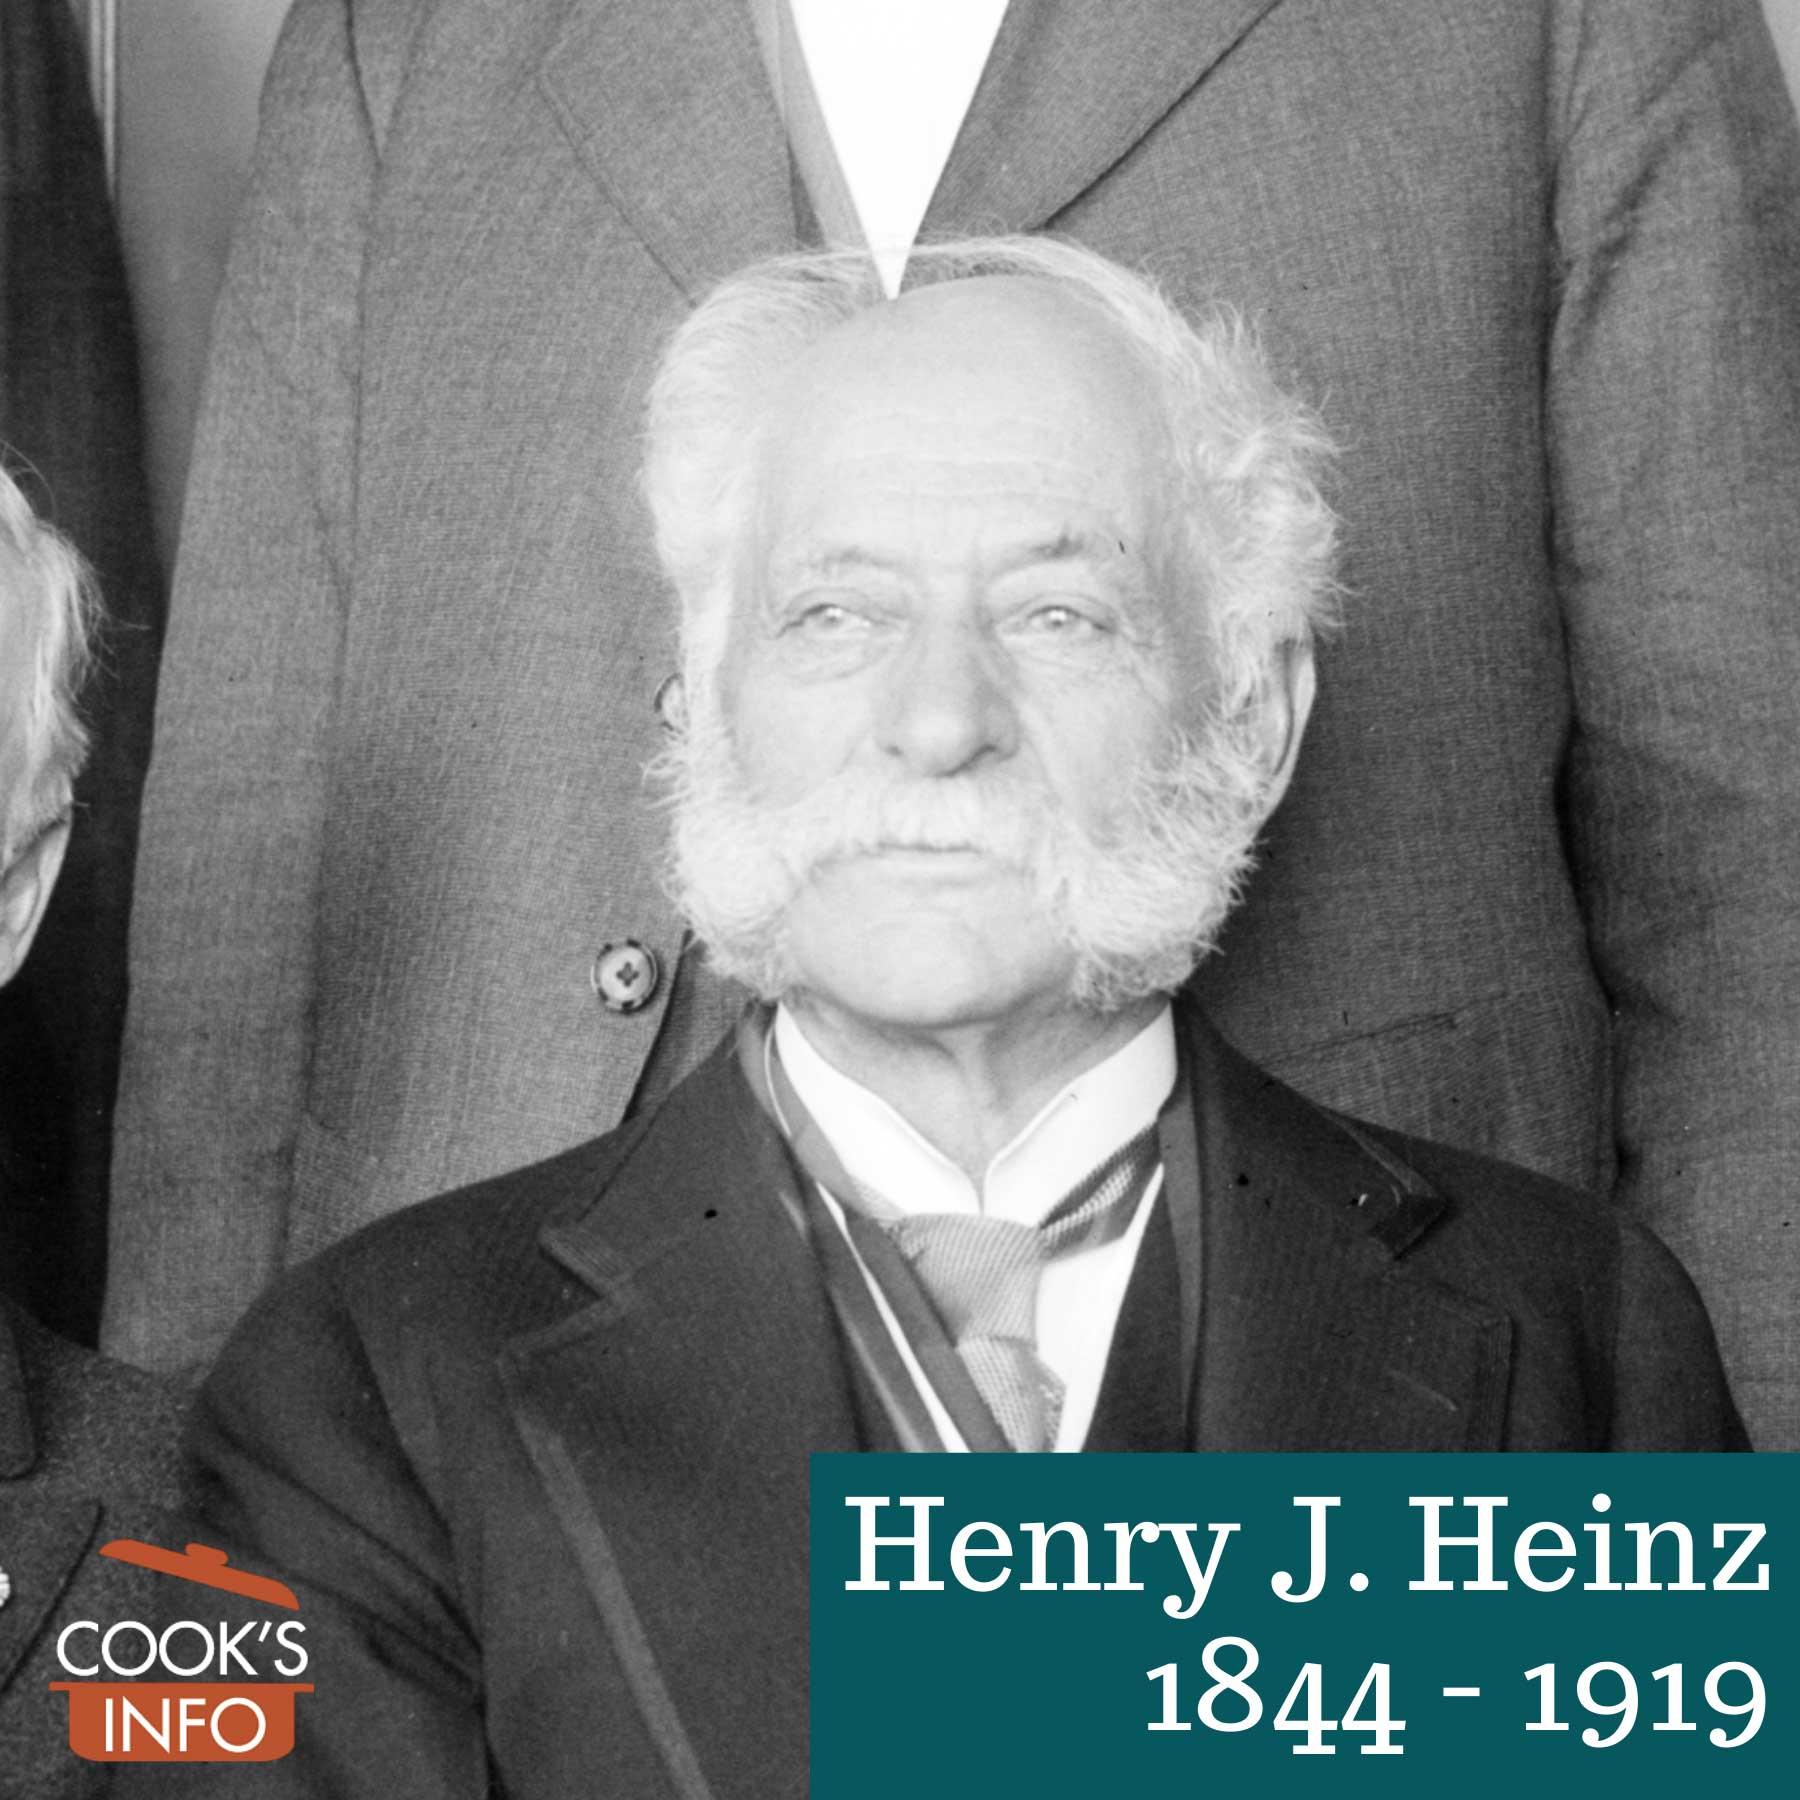 Henry John Heinz